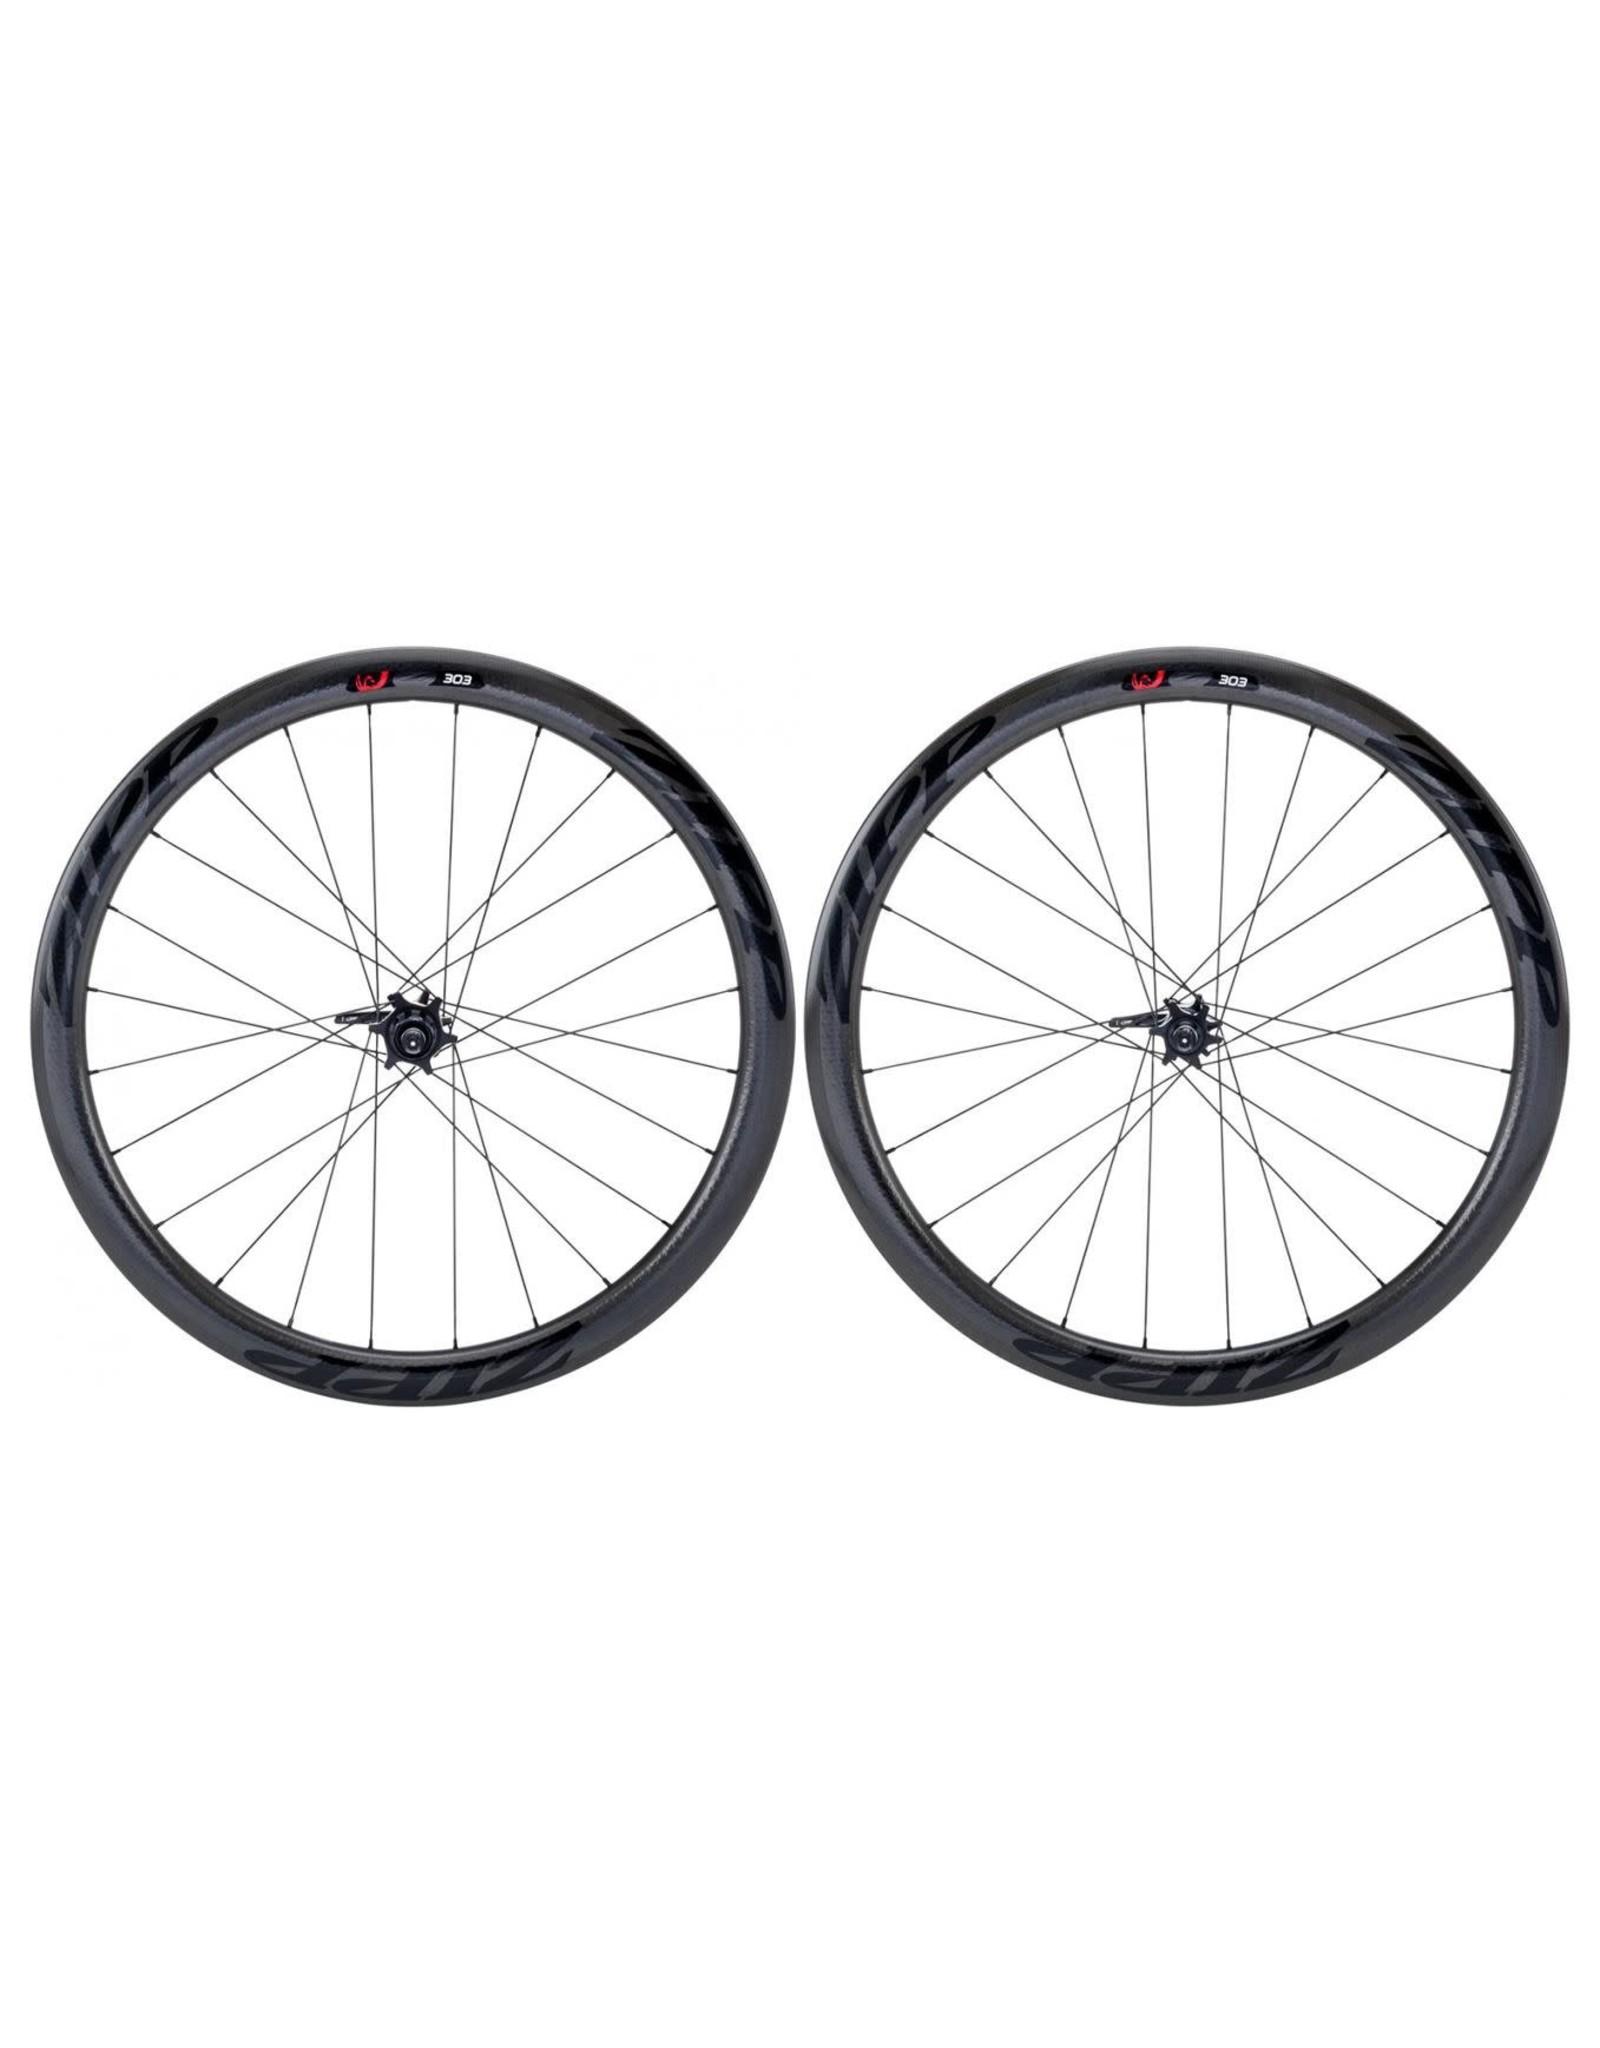 Zipp Zipp 303 Firecrest Disc Brake Tubular Wheelset